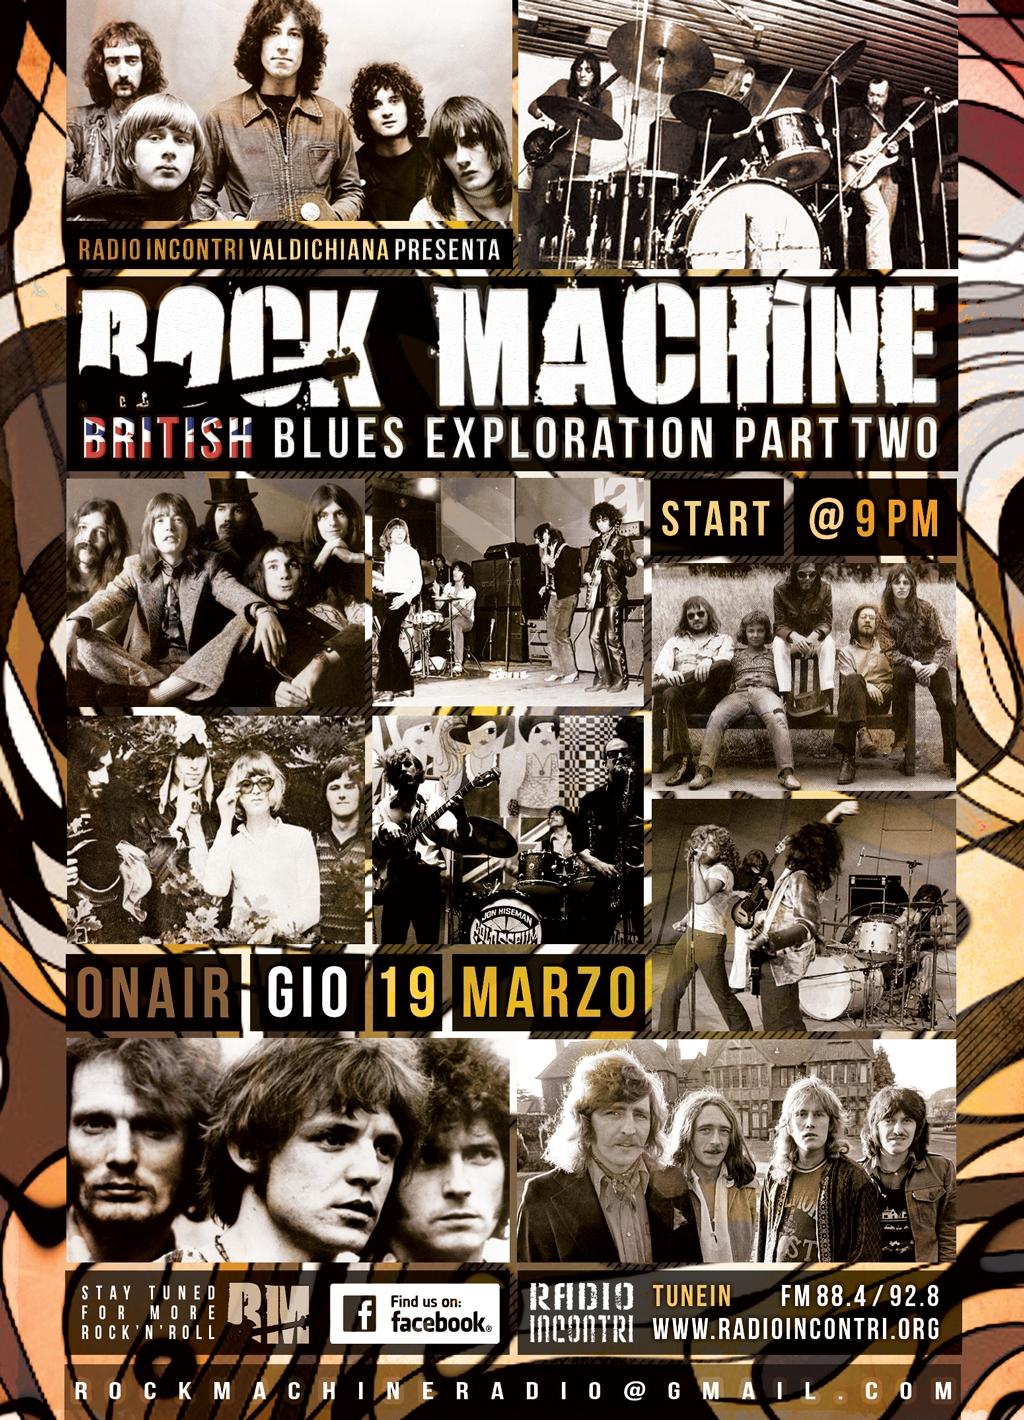 British Blues Exploration, parte seconda